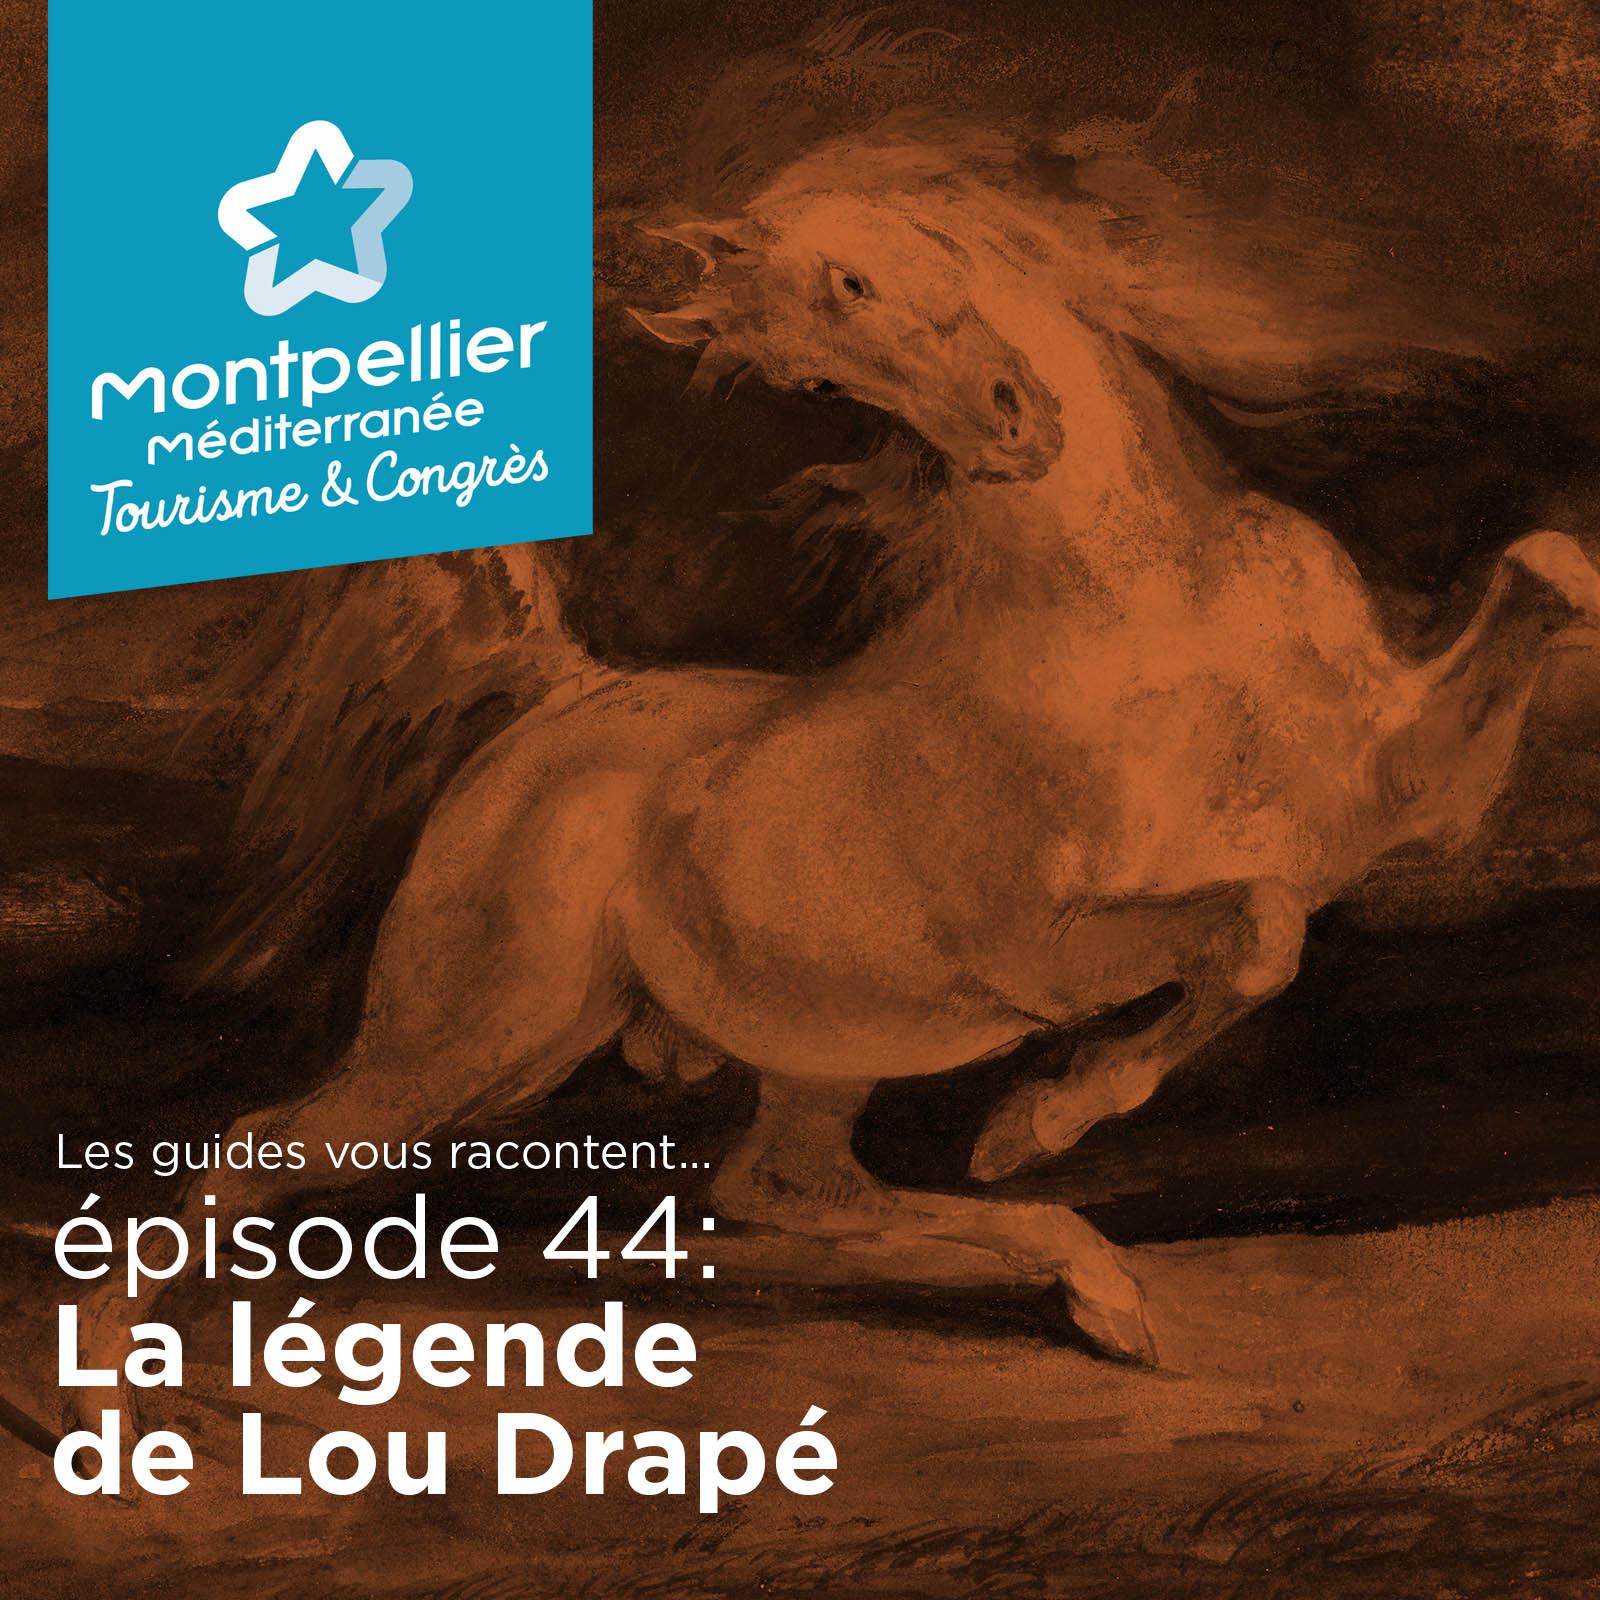 Episode 44: La légende de Lou Drapé